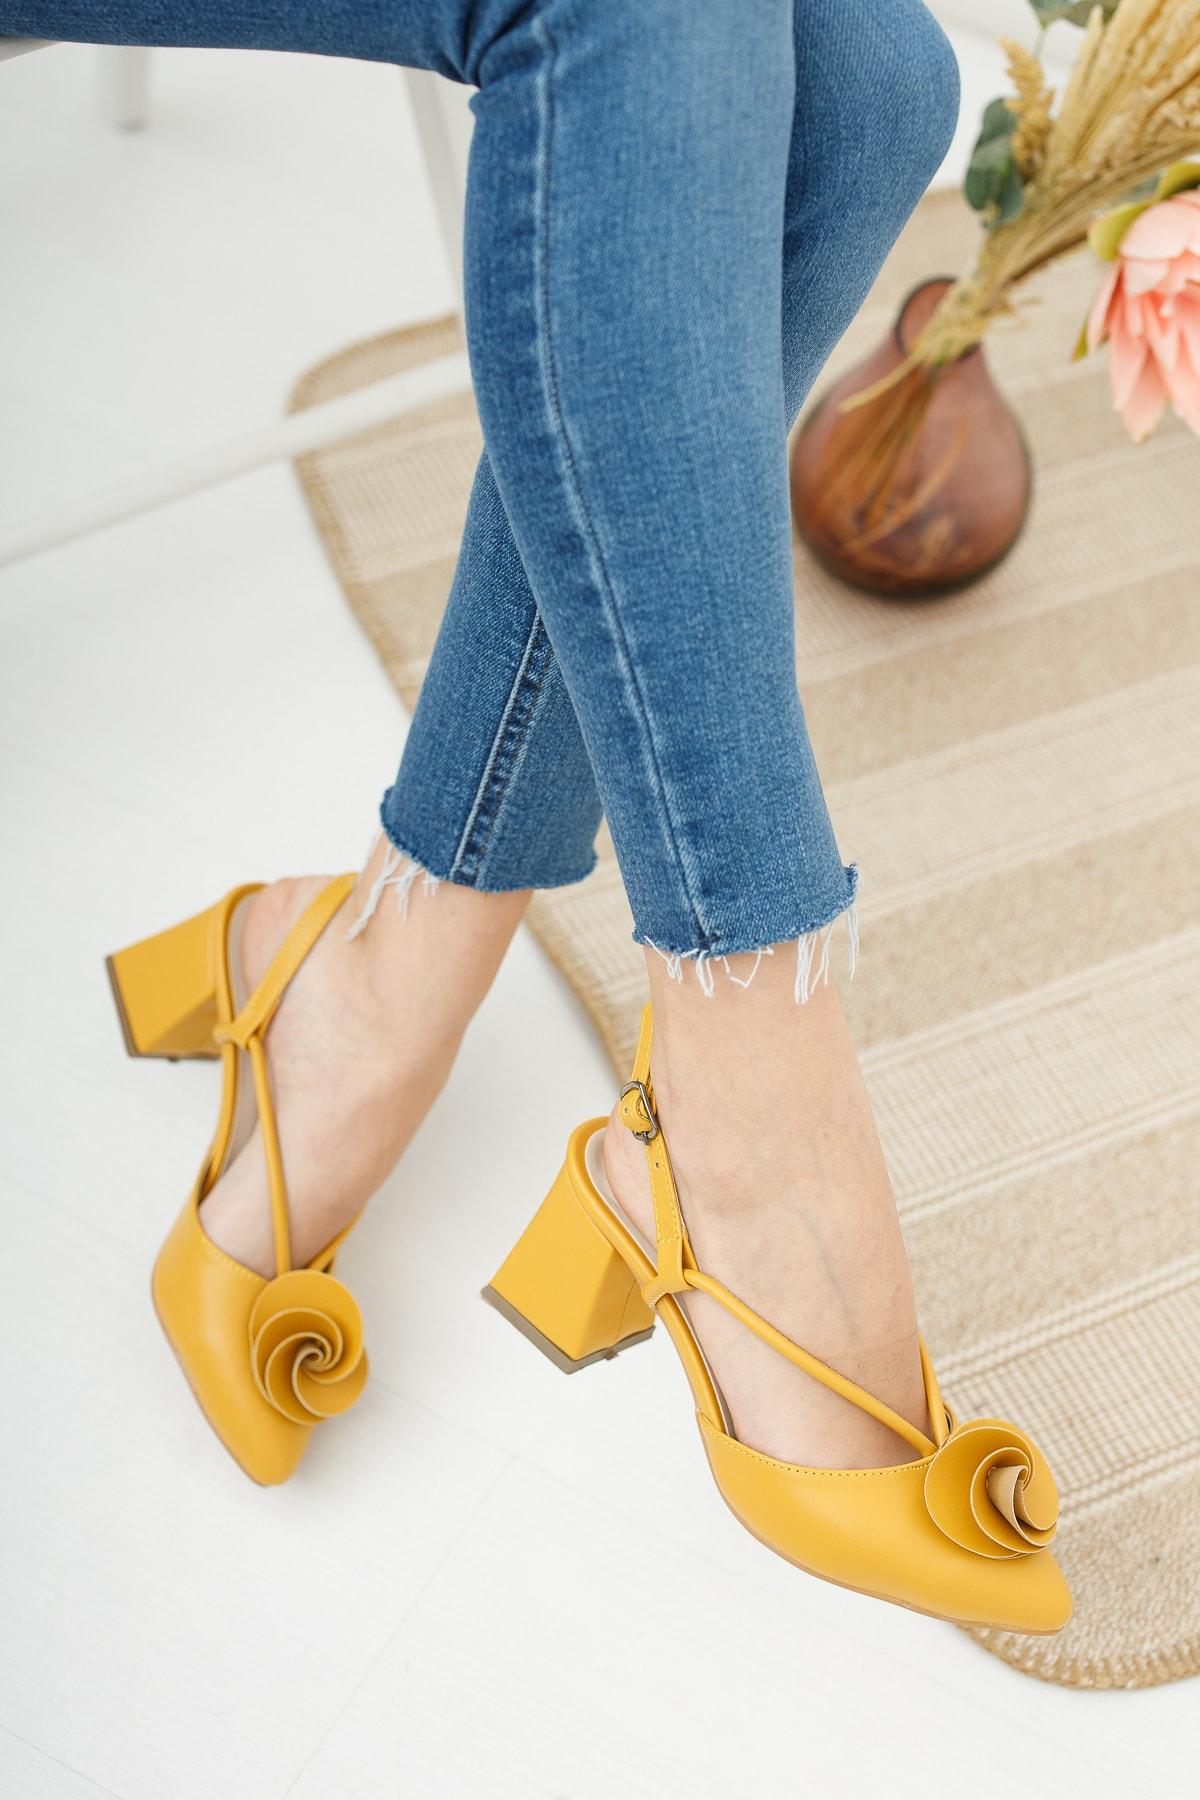 Kadın Hardal Cilt Gül Fiyonklu Topuklu Ayakkabı Md1042-119-0004